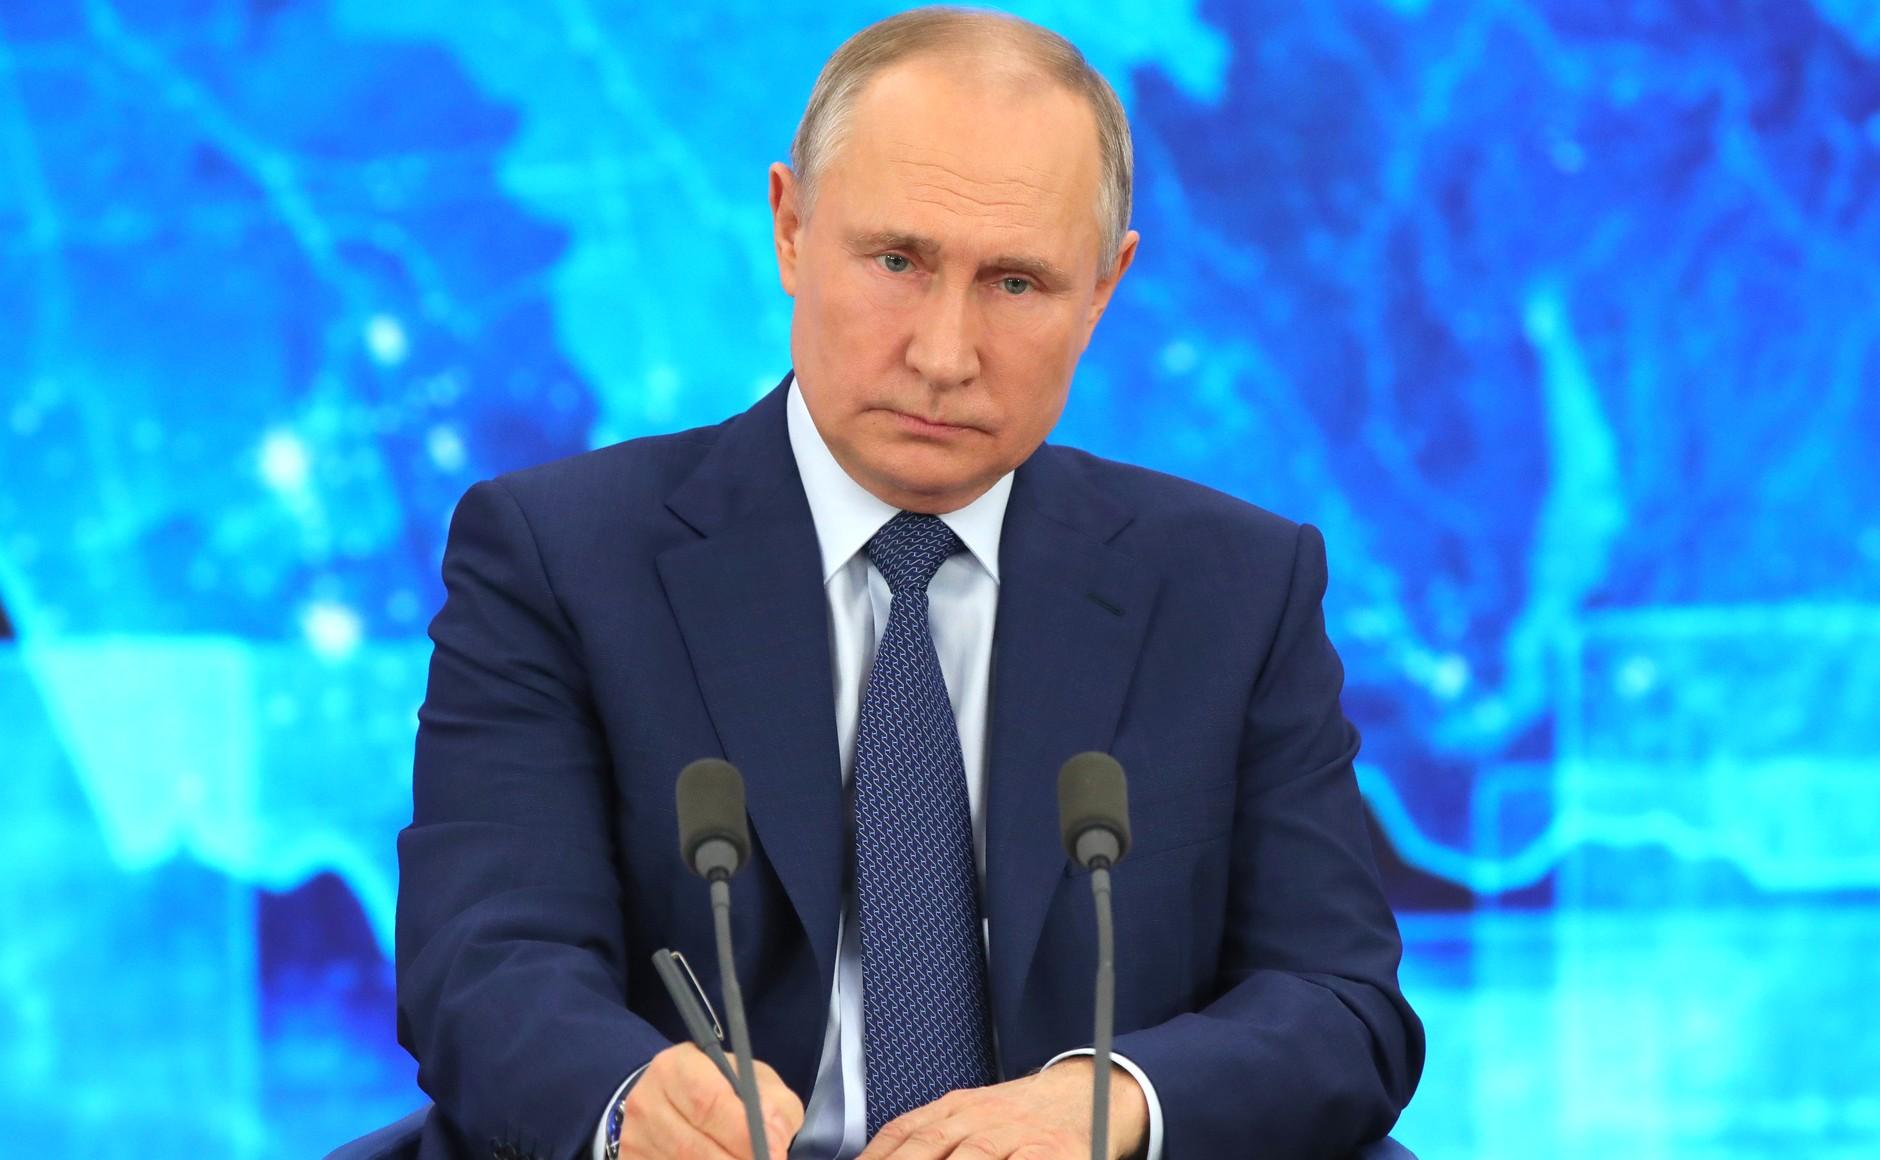 RUSSIE 17.12.2020.CONFERENCE 32 XX 66 Avant le début de la conférence de presse annuelle de Vladimir Poutine.